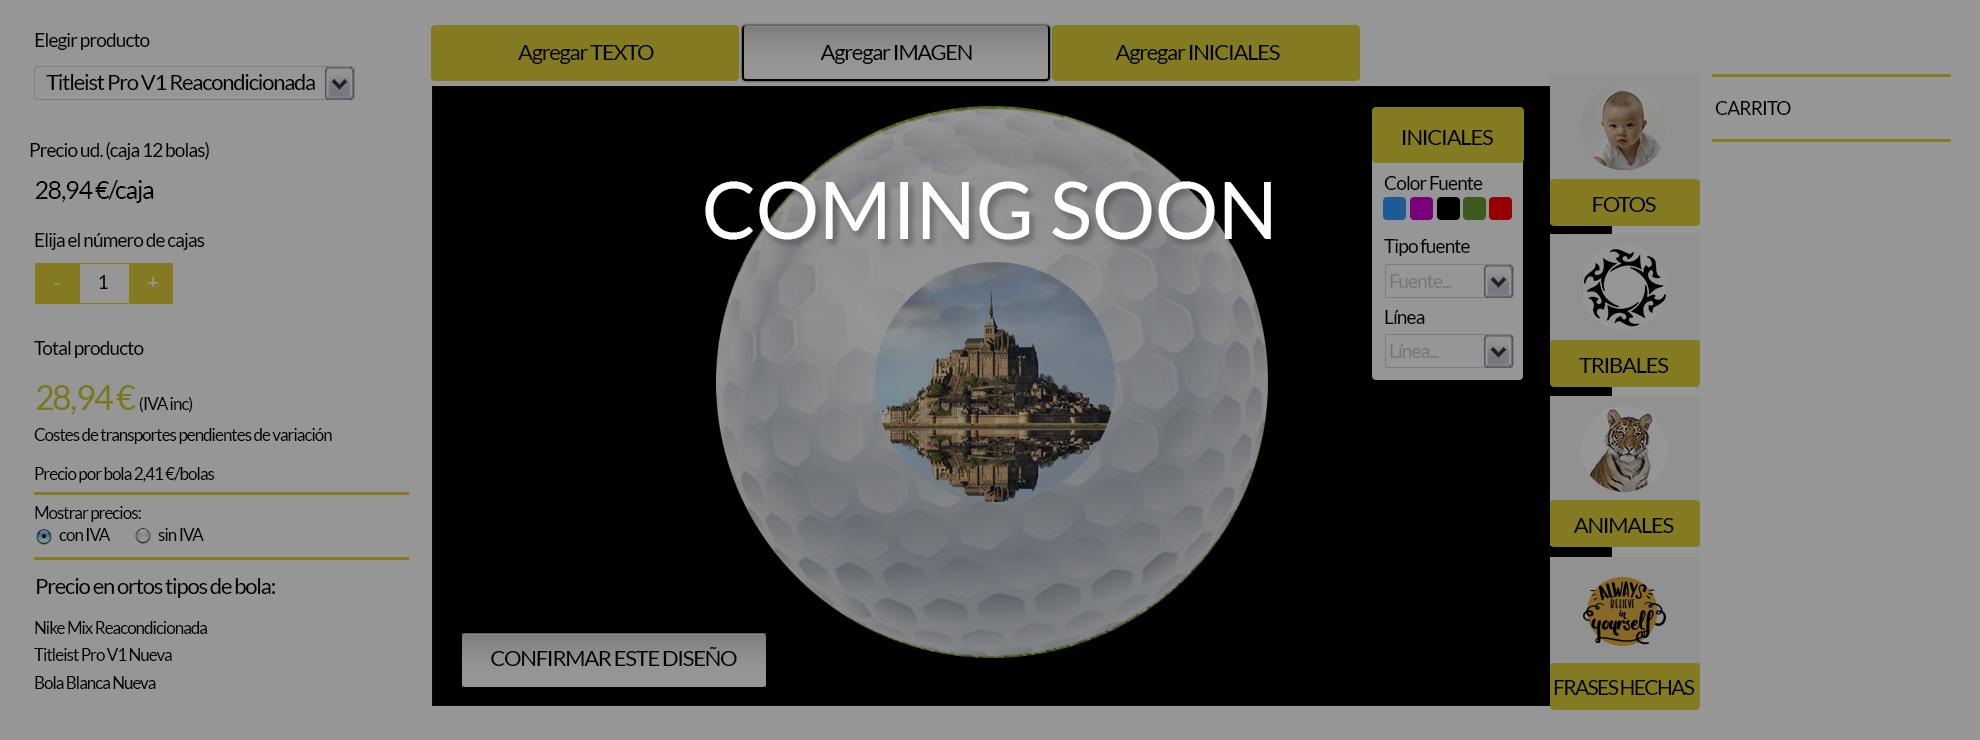 personalizador de bolas de golf con fotos, dibujos, logotipos